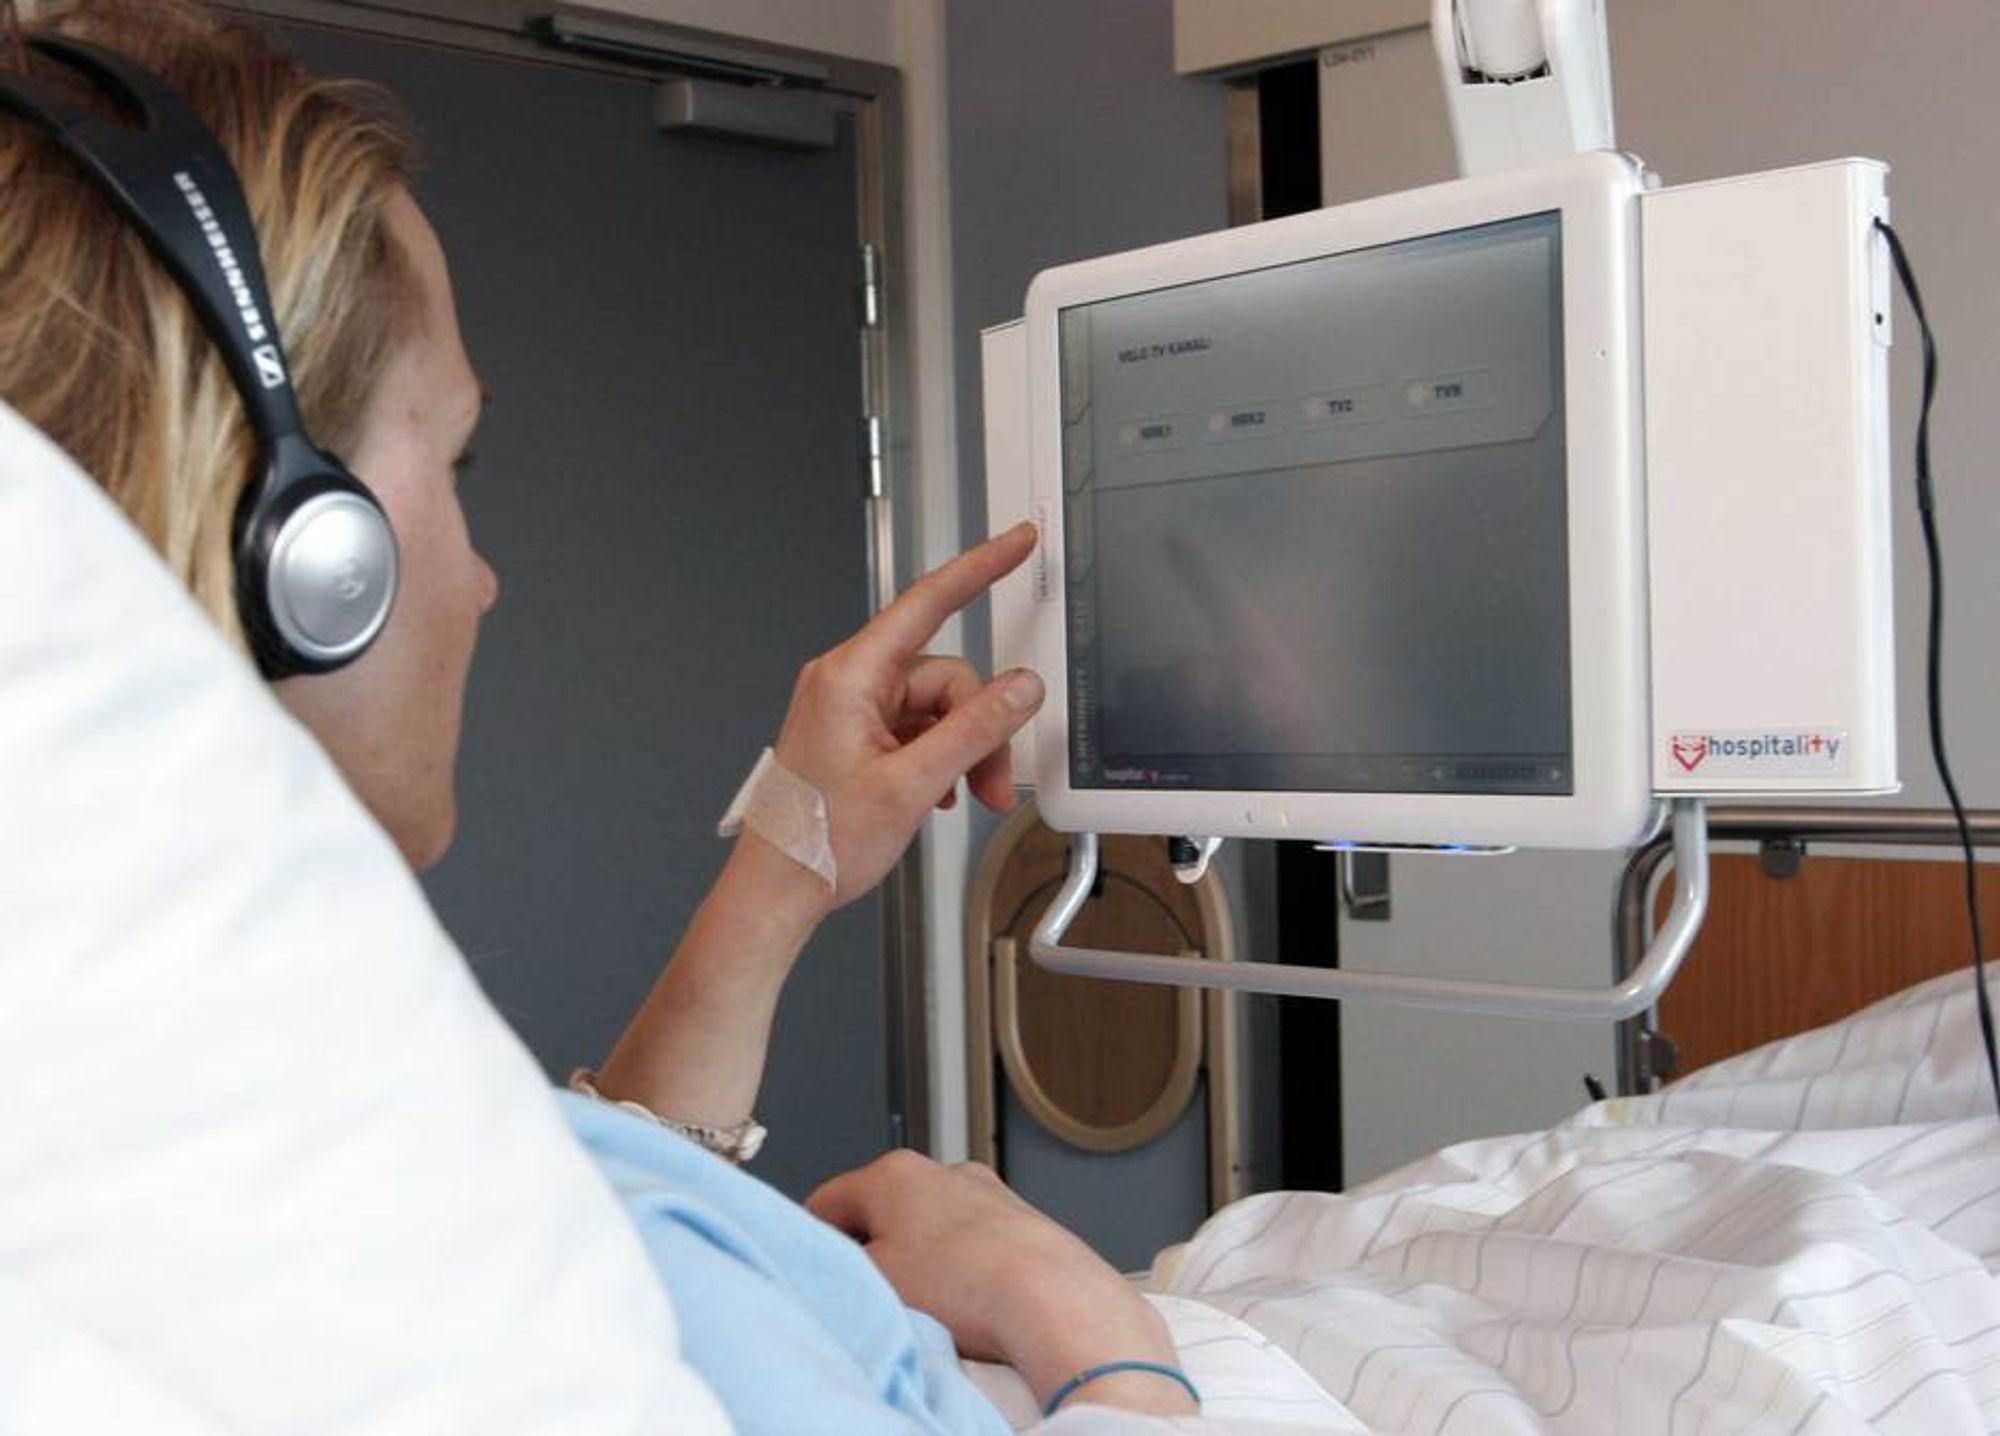 Mange tilbud: Pasienter ved sykehusene i Oslo får i nærmeste fremtid spille spill og se filmer ved hjelp av en terminal som denne.